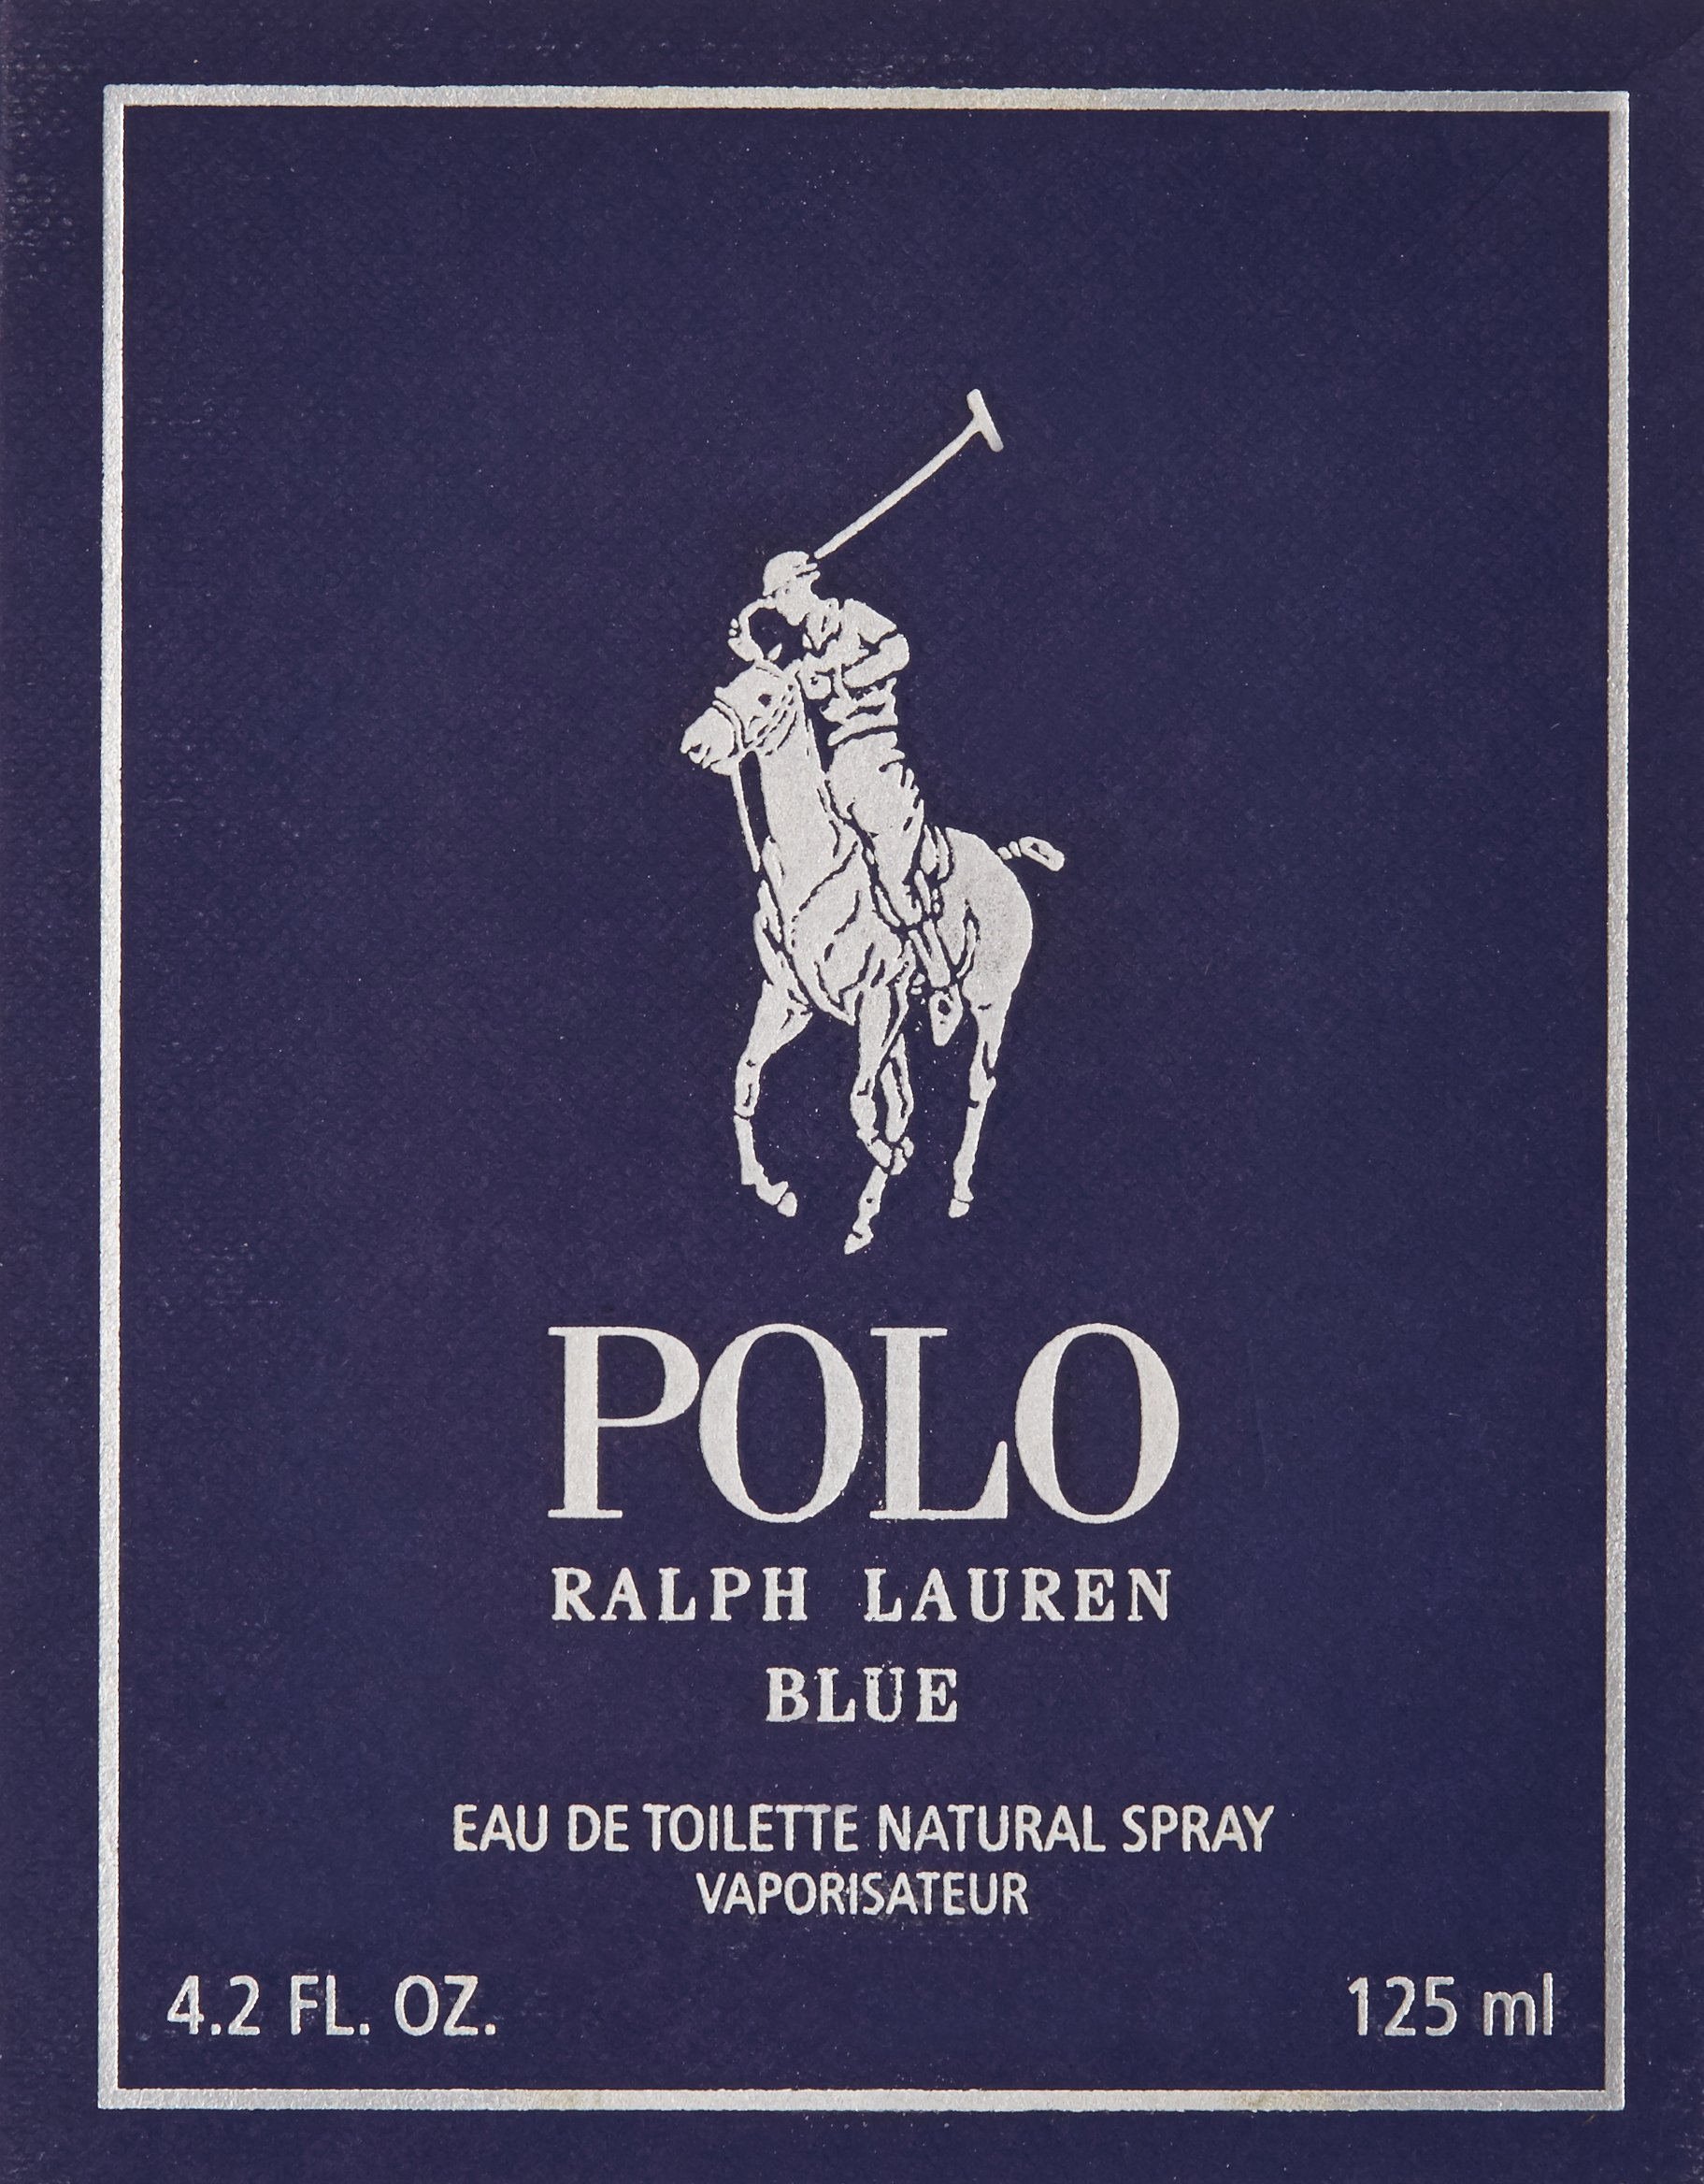 Polo Blue by Ralph Lauren for Men, Eau De Toilette Natural Spray, 4.2 Ounce by RALPH LAUREN (Image #3)